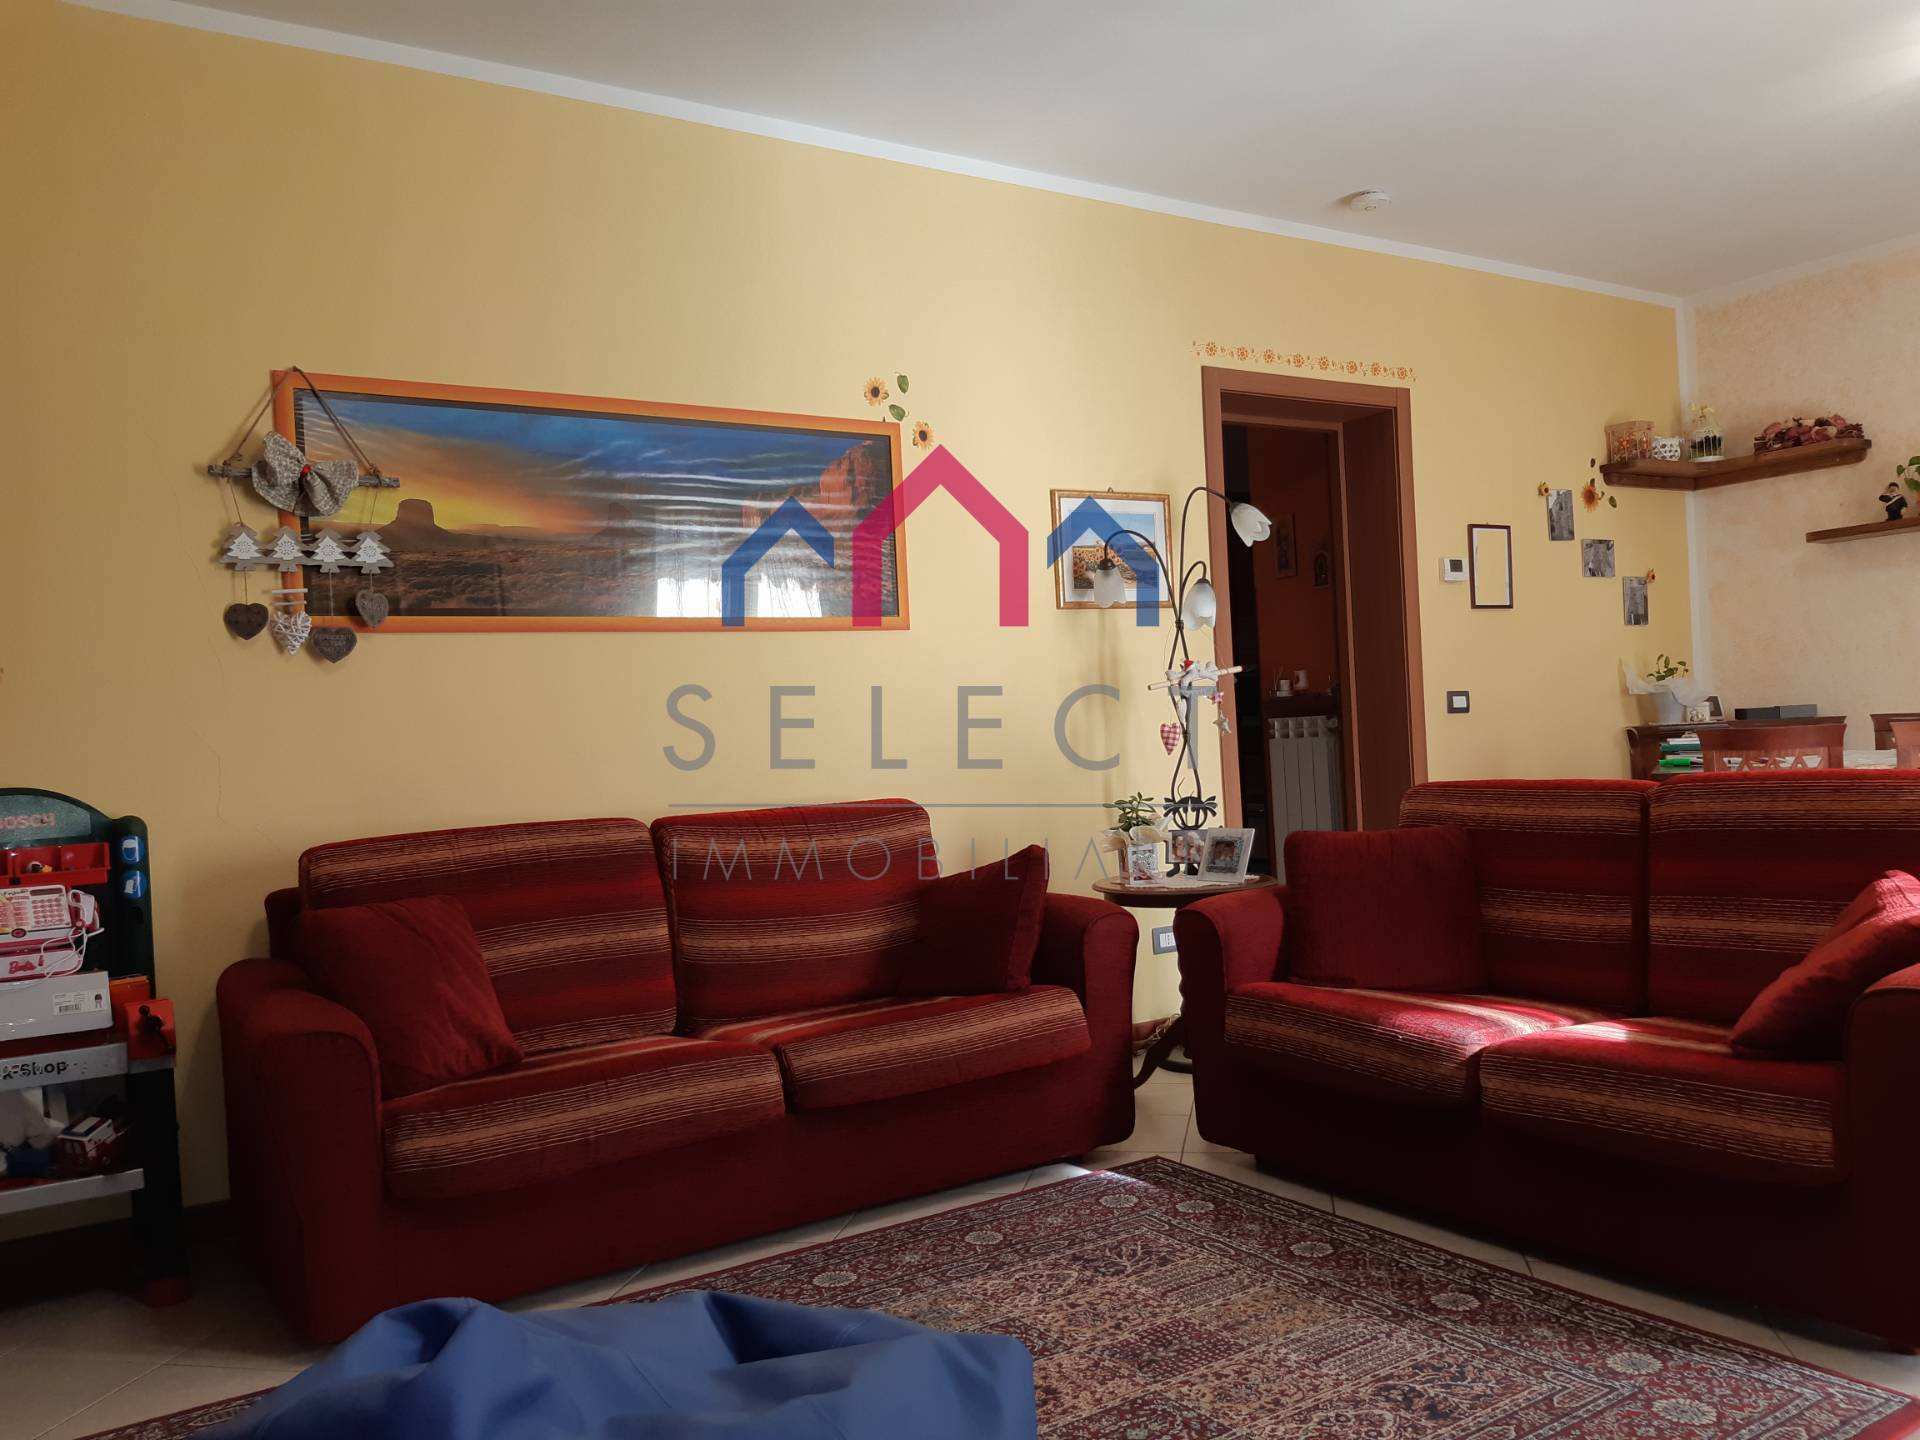 Appartamento in vendita a Coreglia Antelminelli, 4 locali, zona Zona: Ghivizzano, prezzo € 120.000 | CambioCasa.it